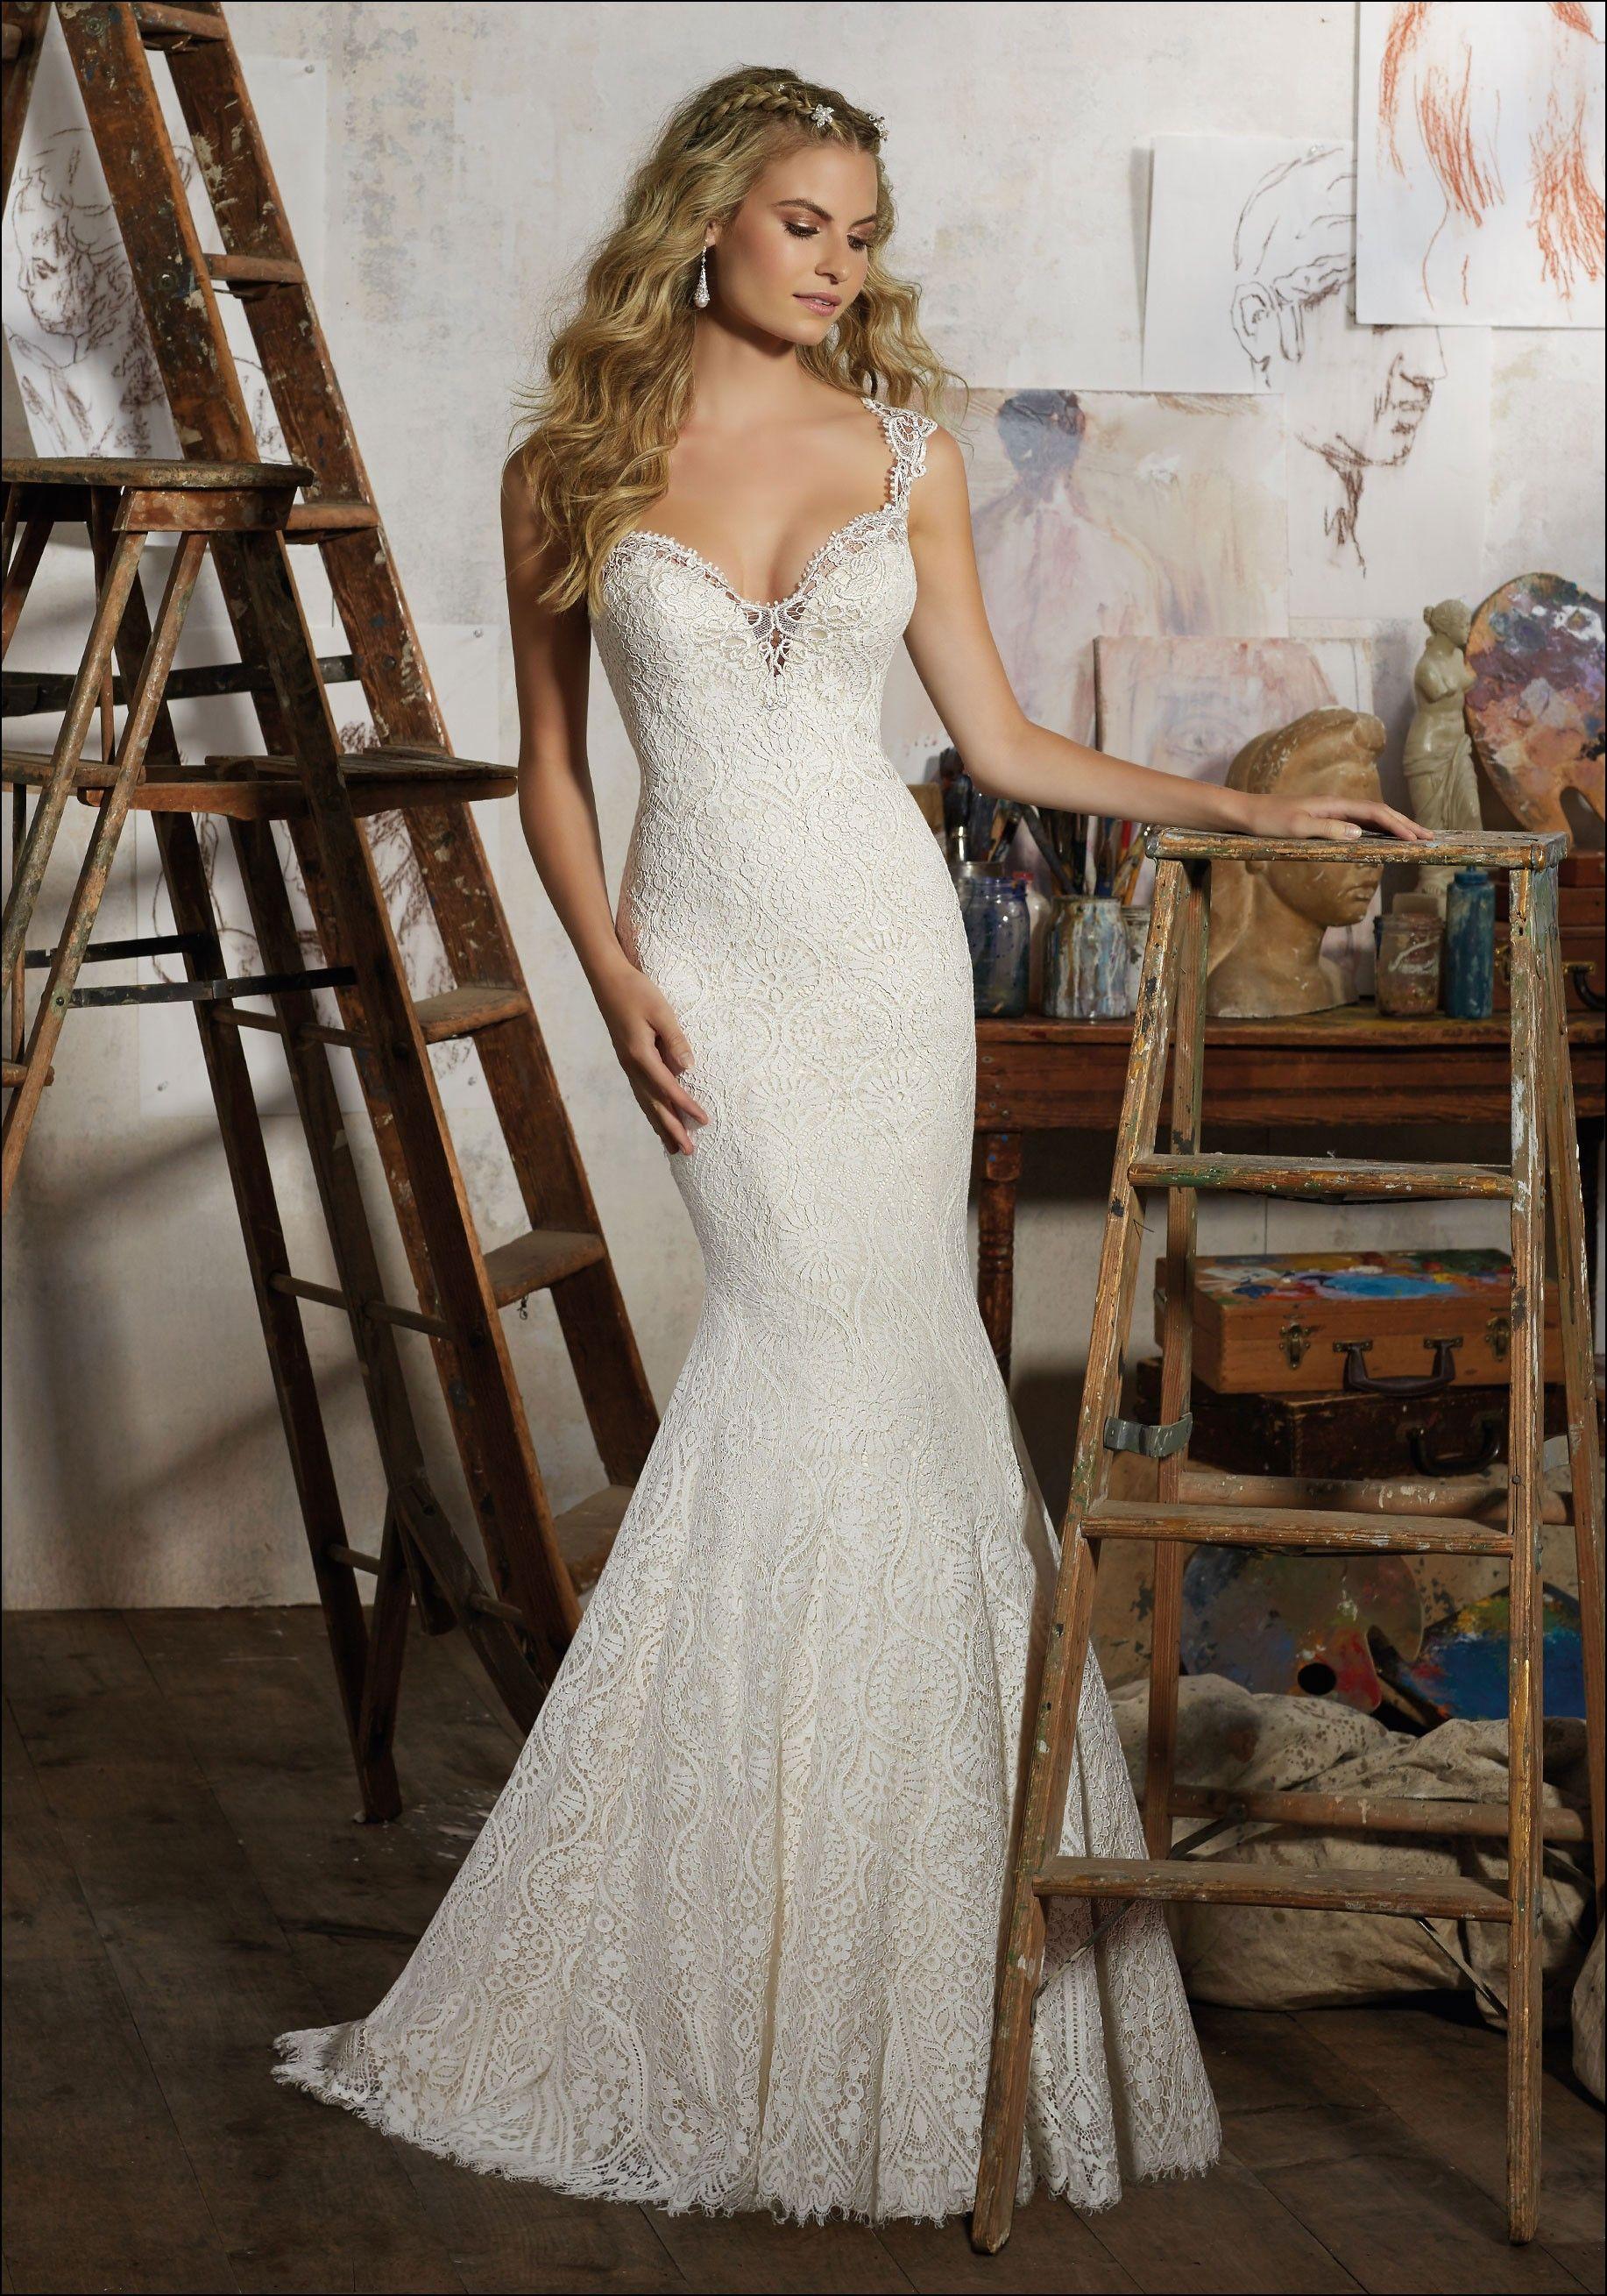 macys wedding dresses off 20   medpharmres.com